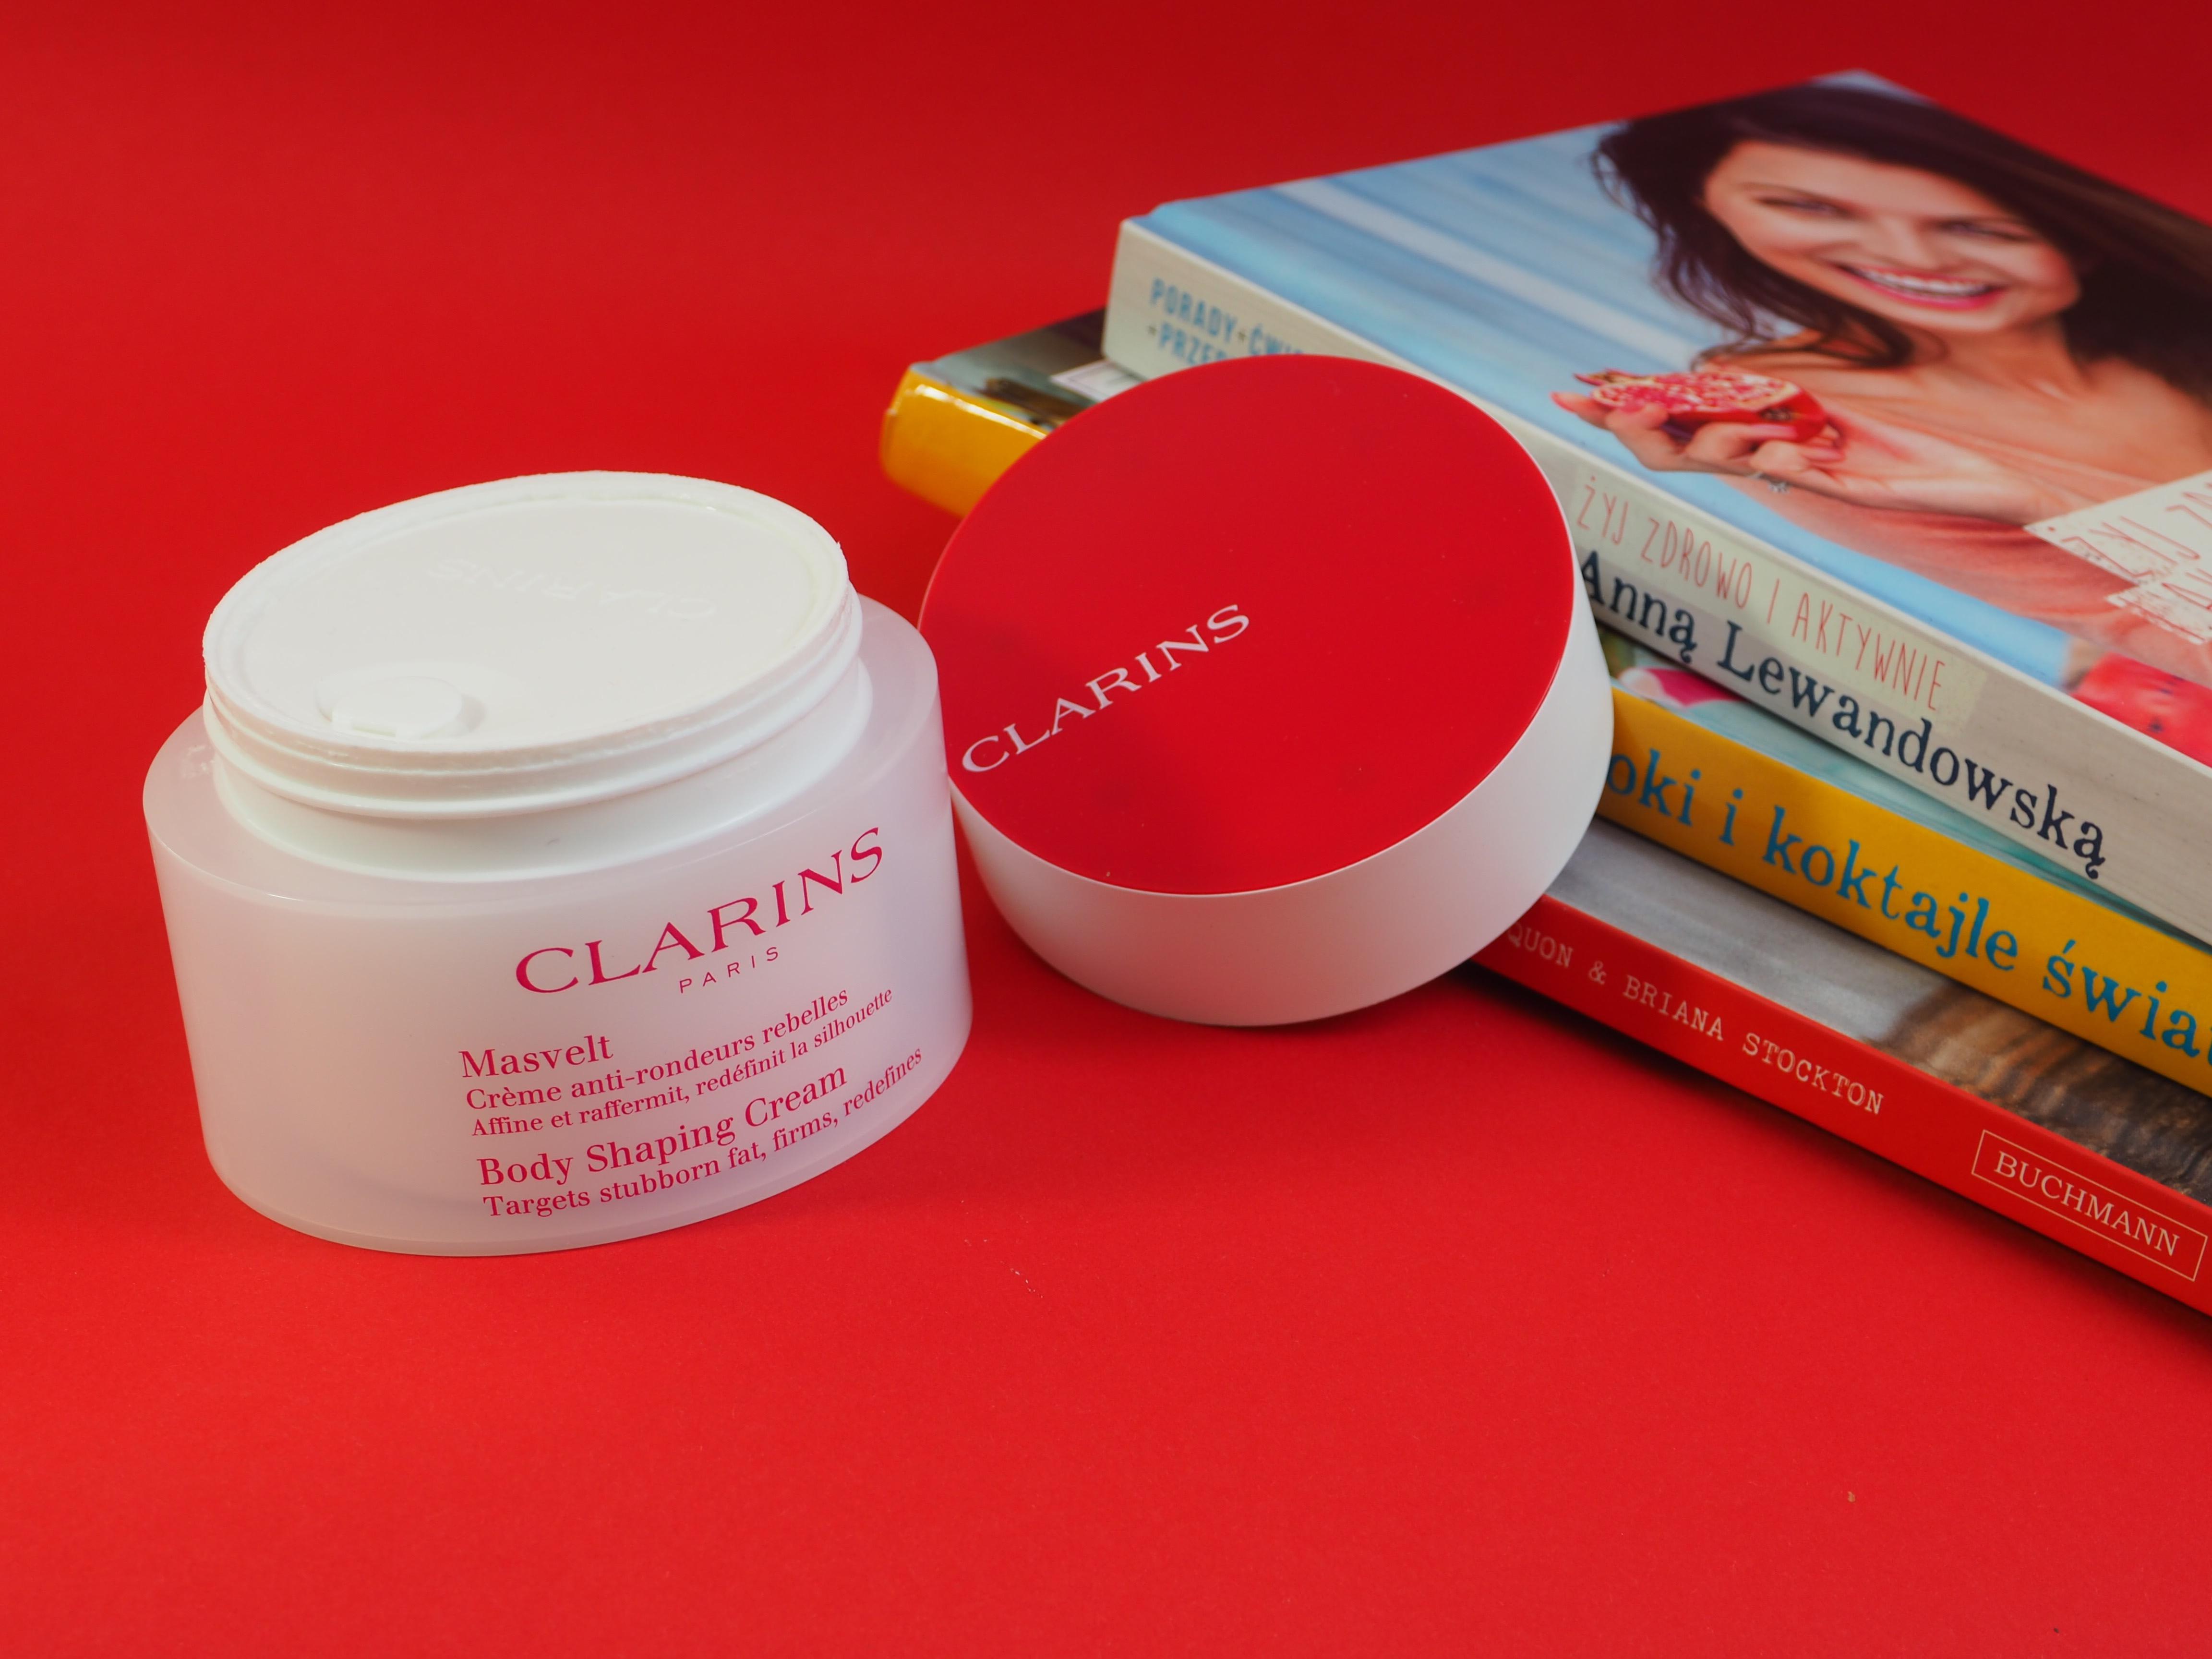 Clarins Masvelt Body Shaping Cream - modelujący krem do ciała